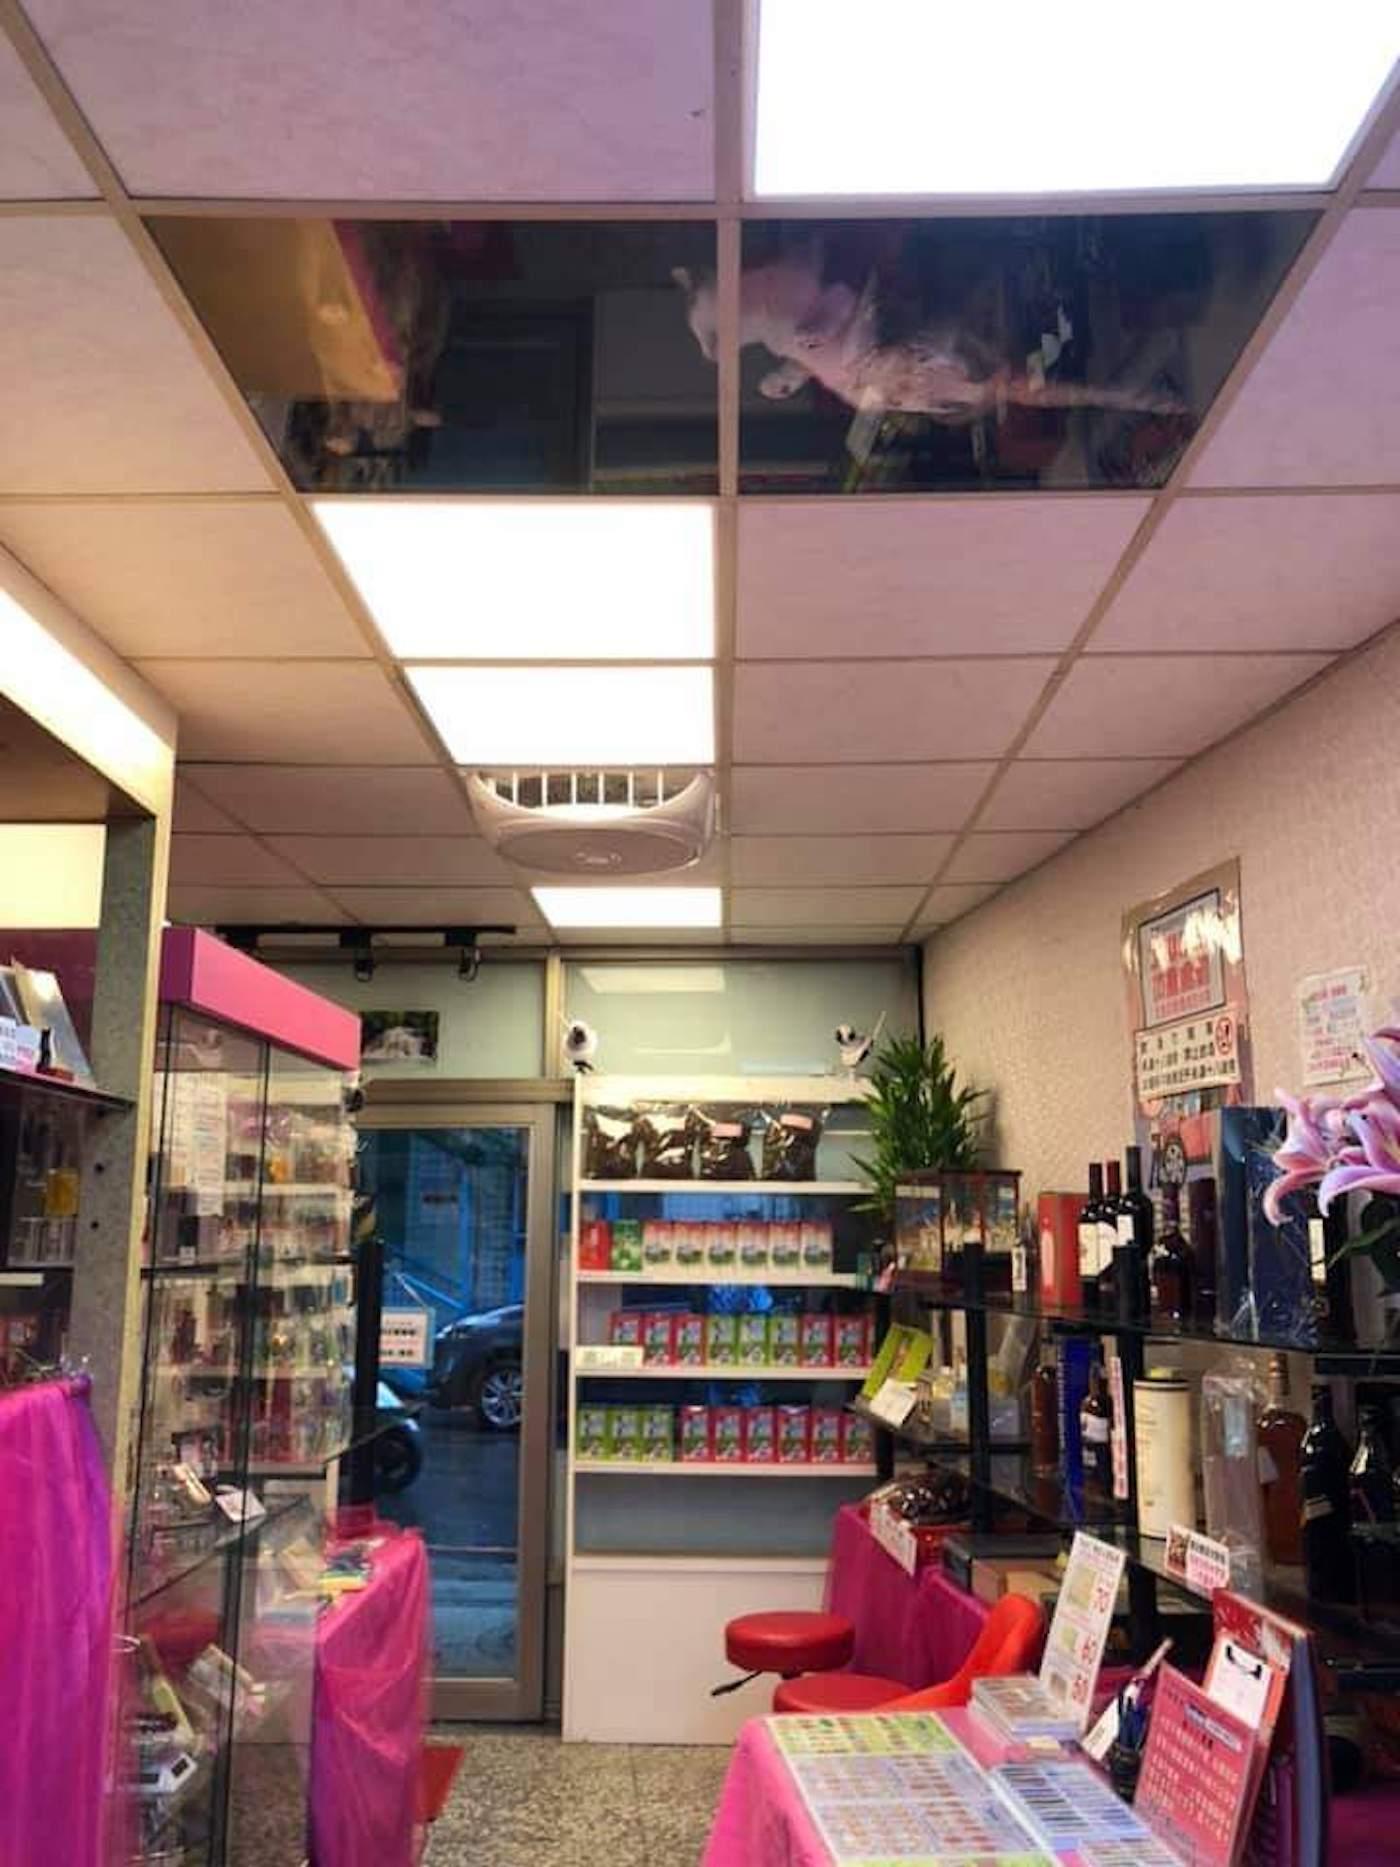 Ce commerçant a installer un plafond de verre pour que ses chats le regardent travailler